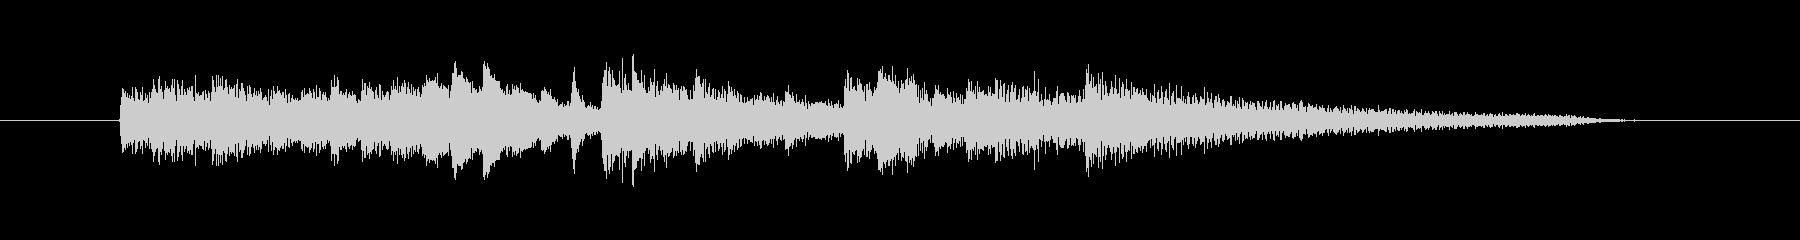 ピアノのおしゃれなアルペジオのジングルの未再生の波形